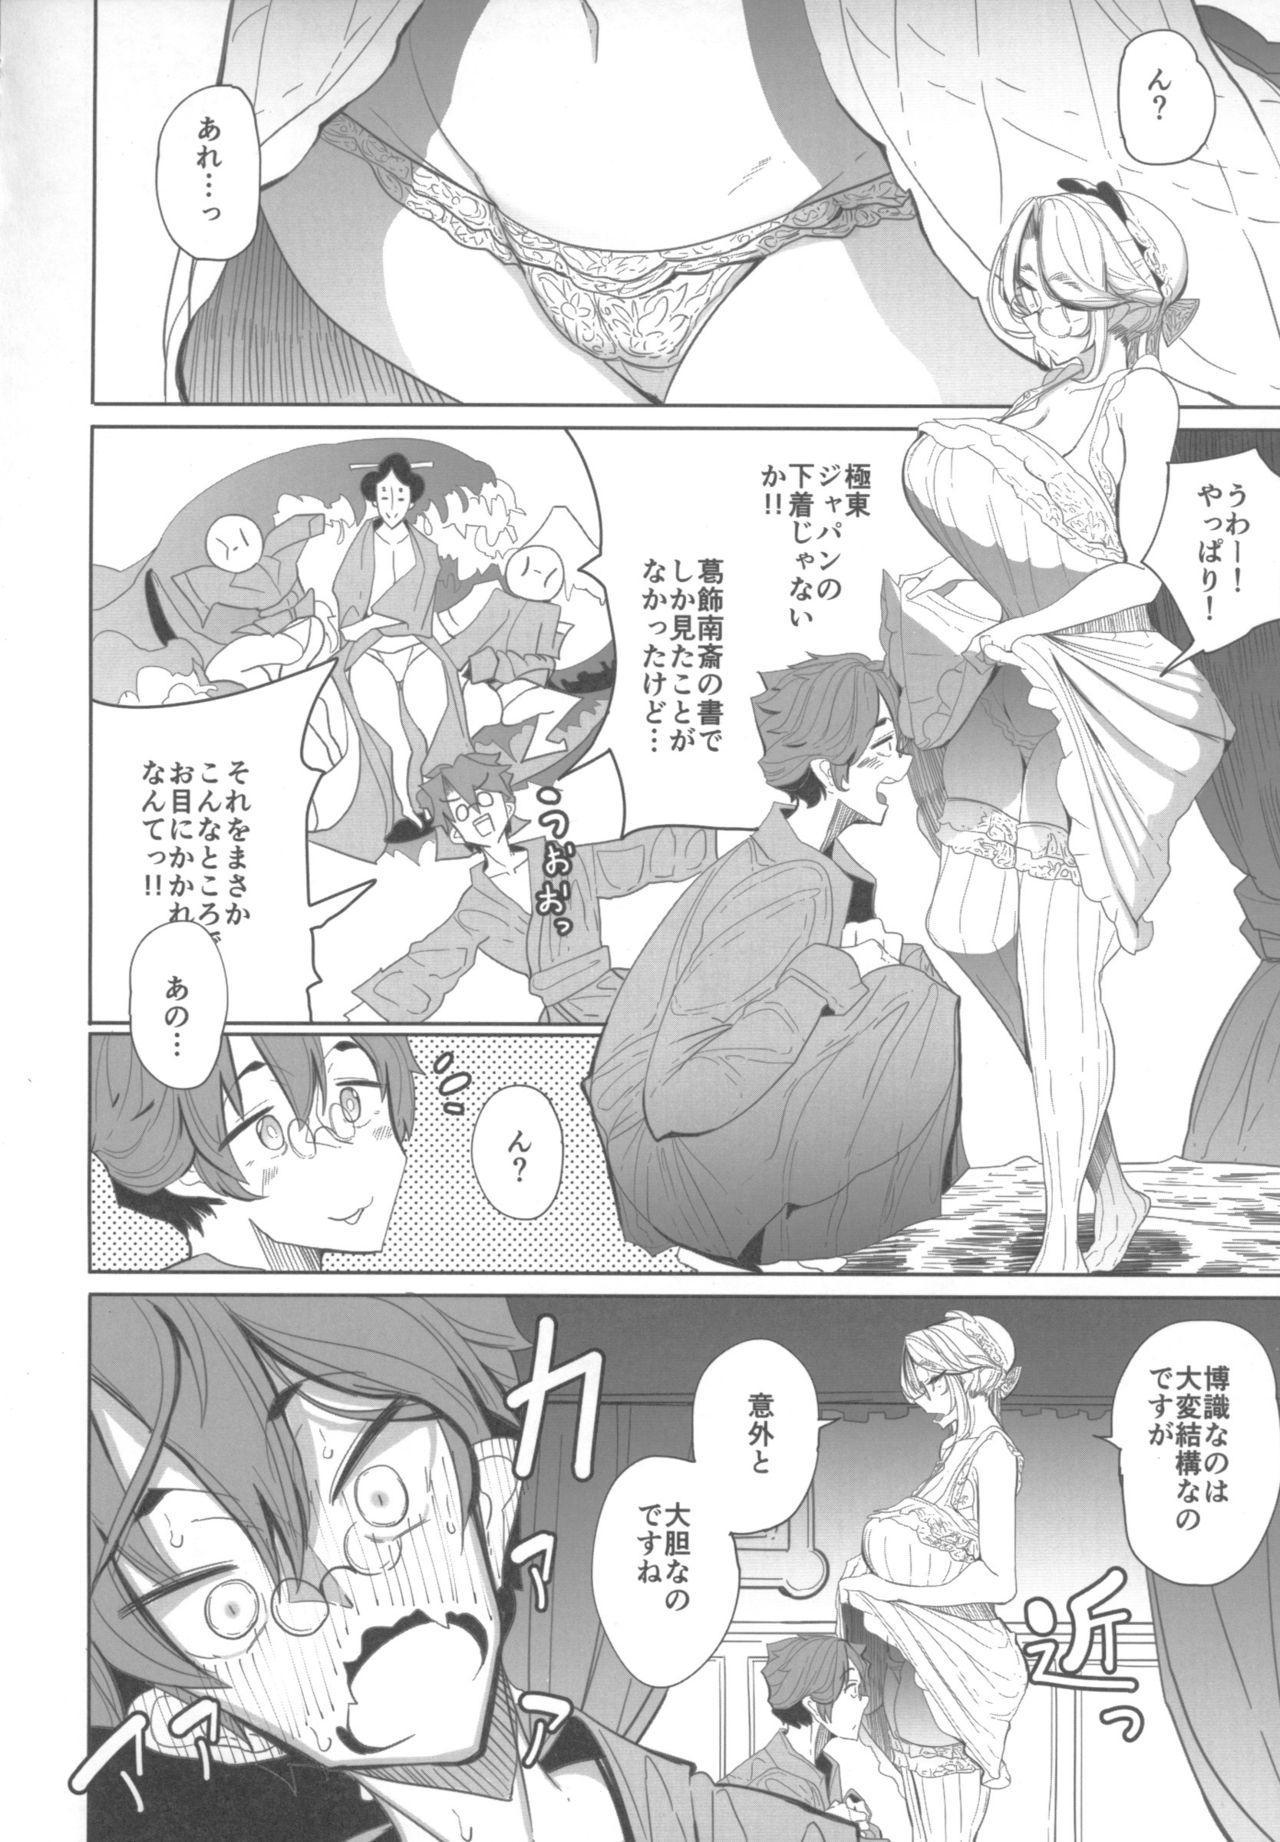 Shinshi Tsuki Maid no Sophie-san 1 38